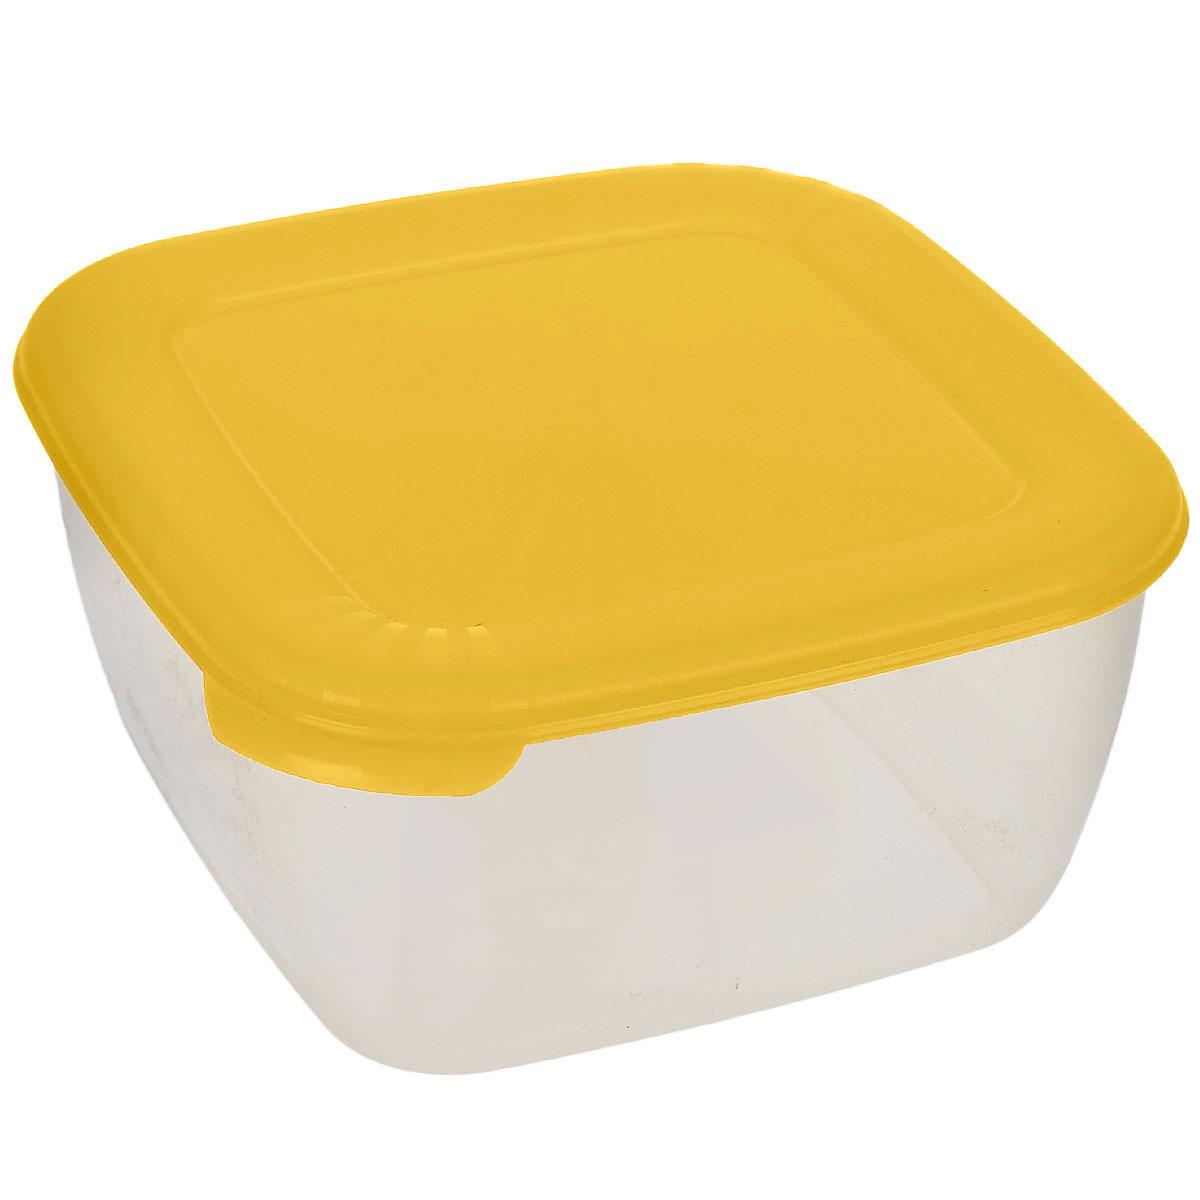 Контейнер для СВЧ Полимербыт Лайт, цвет: прозрачный, желтый, 950 млFD-59Контейнер Полимербыт Лайт квадратной формы, изготовленный из прочного пластика, предназначен специально для хранения пищевых продуктов. Крышка легко открывается и плотно закрывается.Контейнер устойчив к воздействию масел и жиров, легко моется. Прозрачные стенки позволяют видеть содержимое. Контейнер имеет возможность хранения продуктов глубокой заморозки, обладает высокой прочностью. Можно мыть в посудомоечной машине.Контейнер подходит для использования в микроволновой печи без крышки, а также для заморозки в морозильной камере.